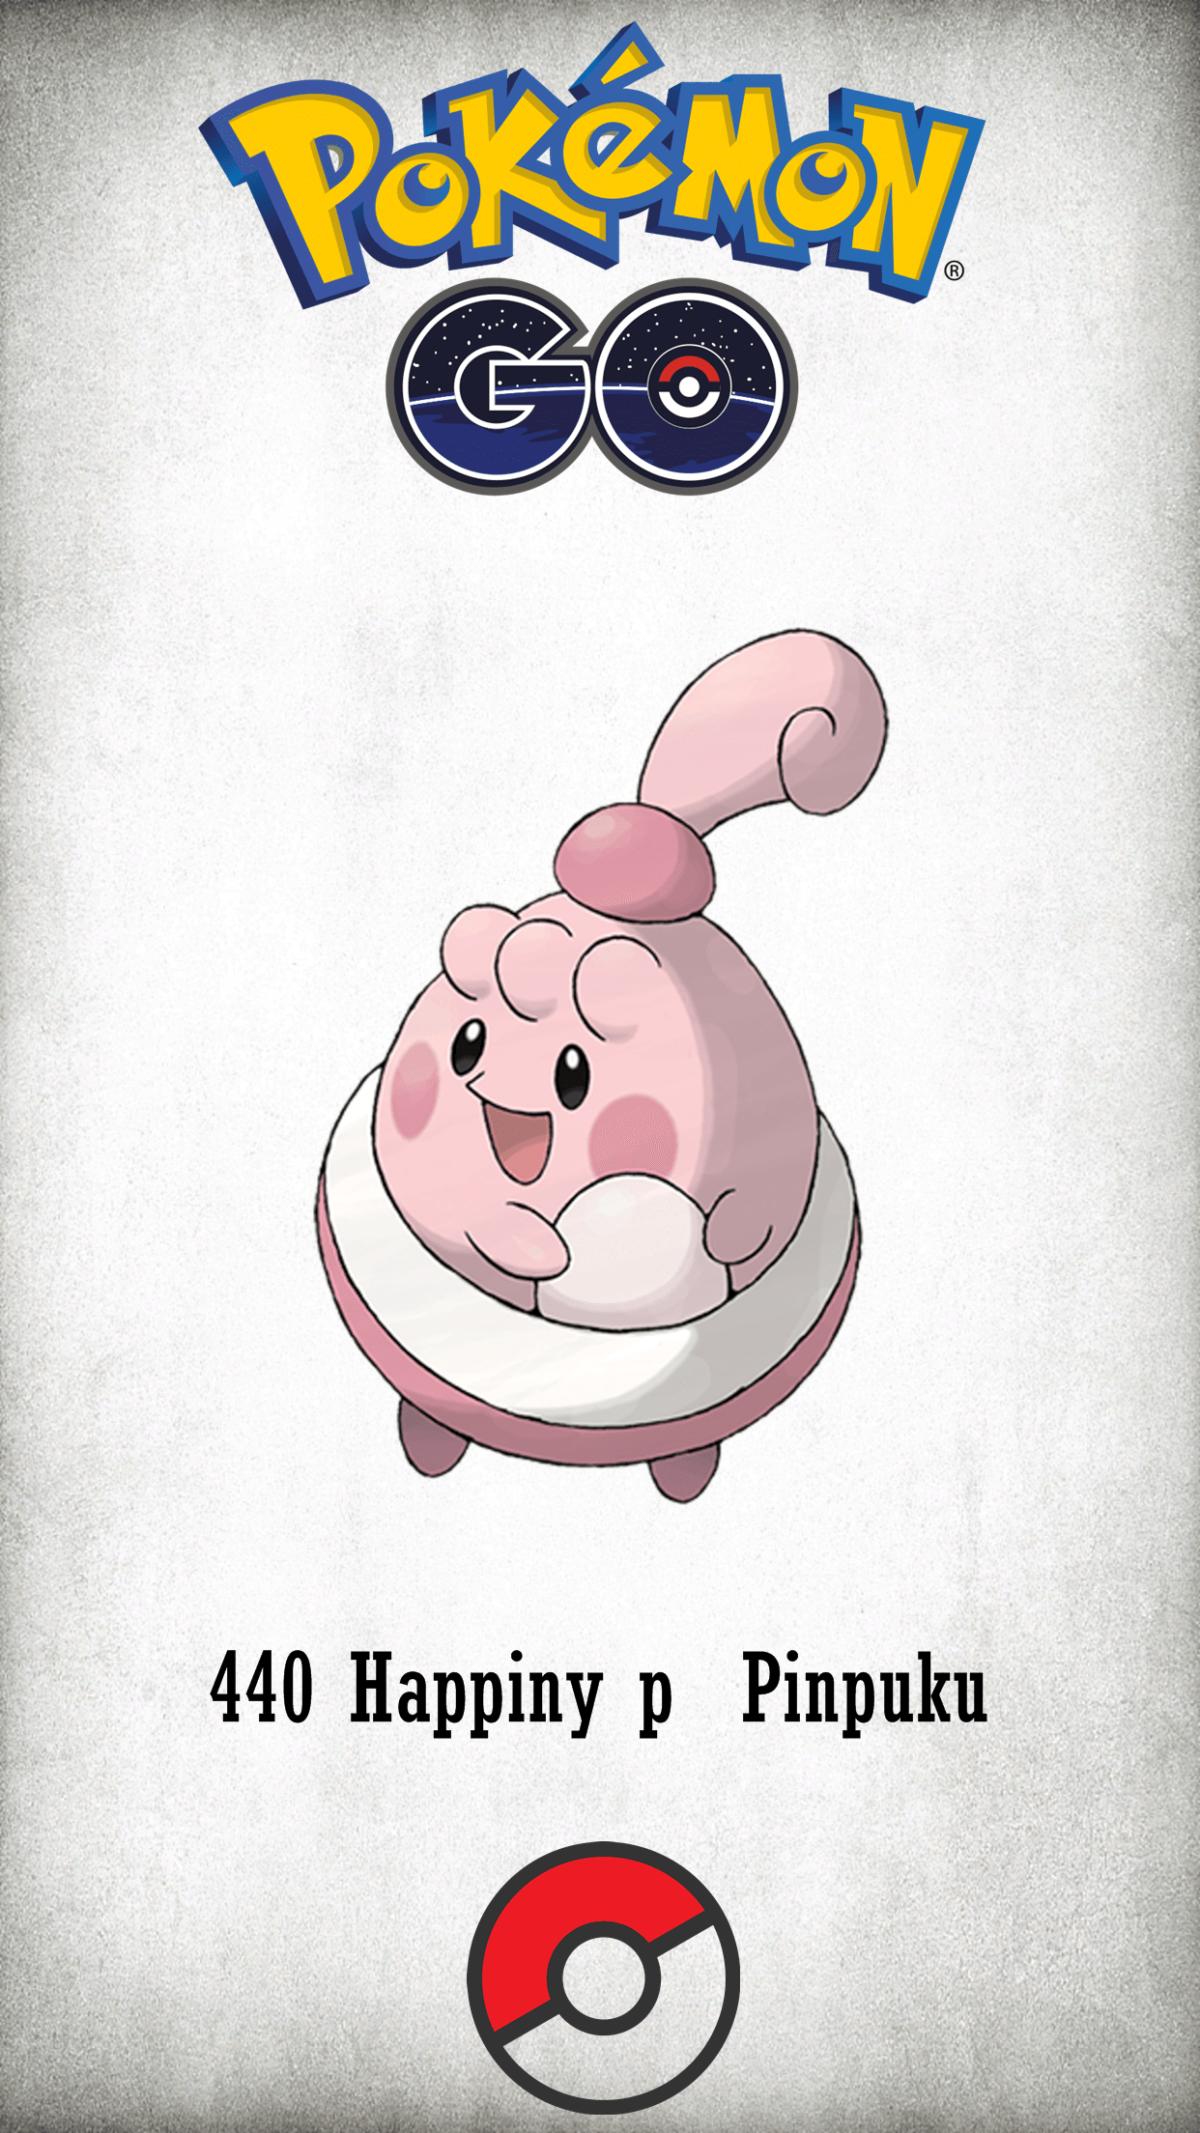 440 Character Happiny p Pinpuku | Wallpaper